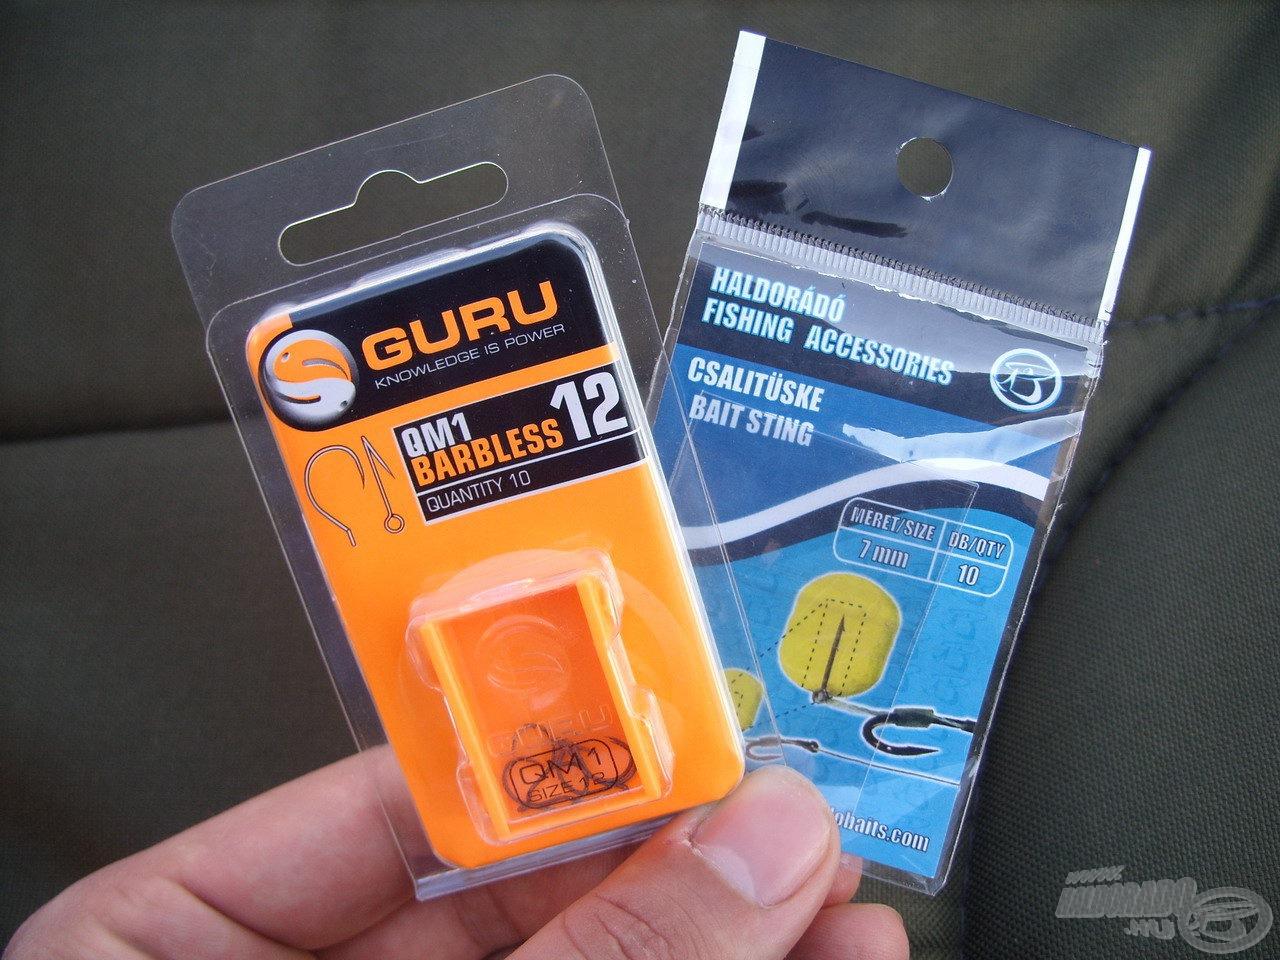 A kisebb csalikhoz a Guru QM1 szakáll nélküli horgait használtam 12-es méretben, amelykehez a 7 mm-es Haldorádó csalitüske kínál ideális megoldást csalink felkínálásához